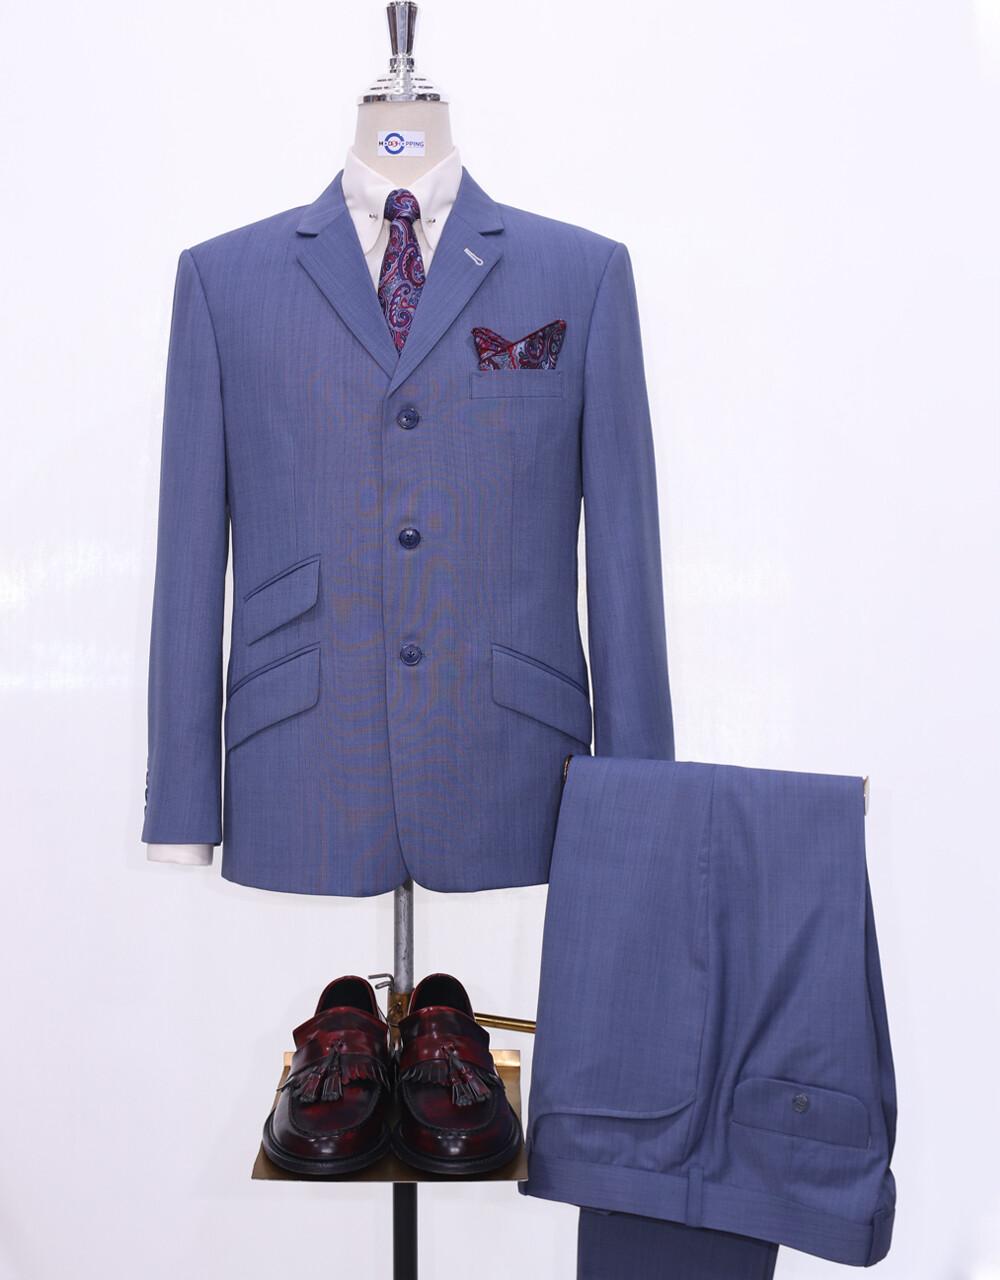 60s Style Suit Steel Blue 3 Button Mod Suit For Men